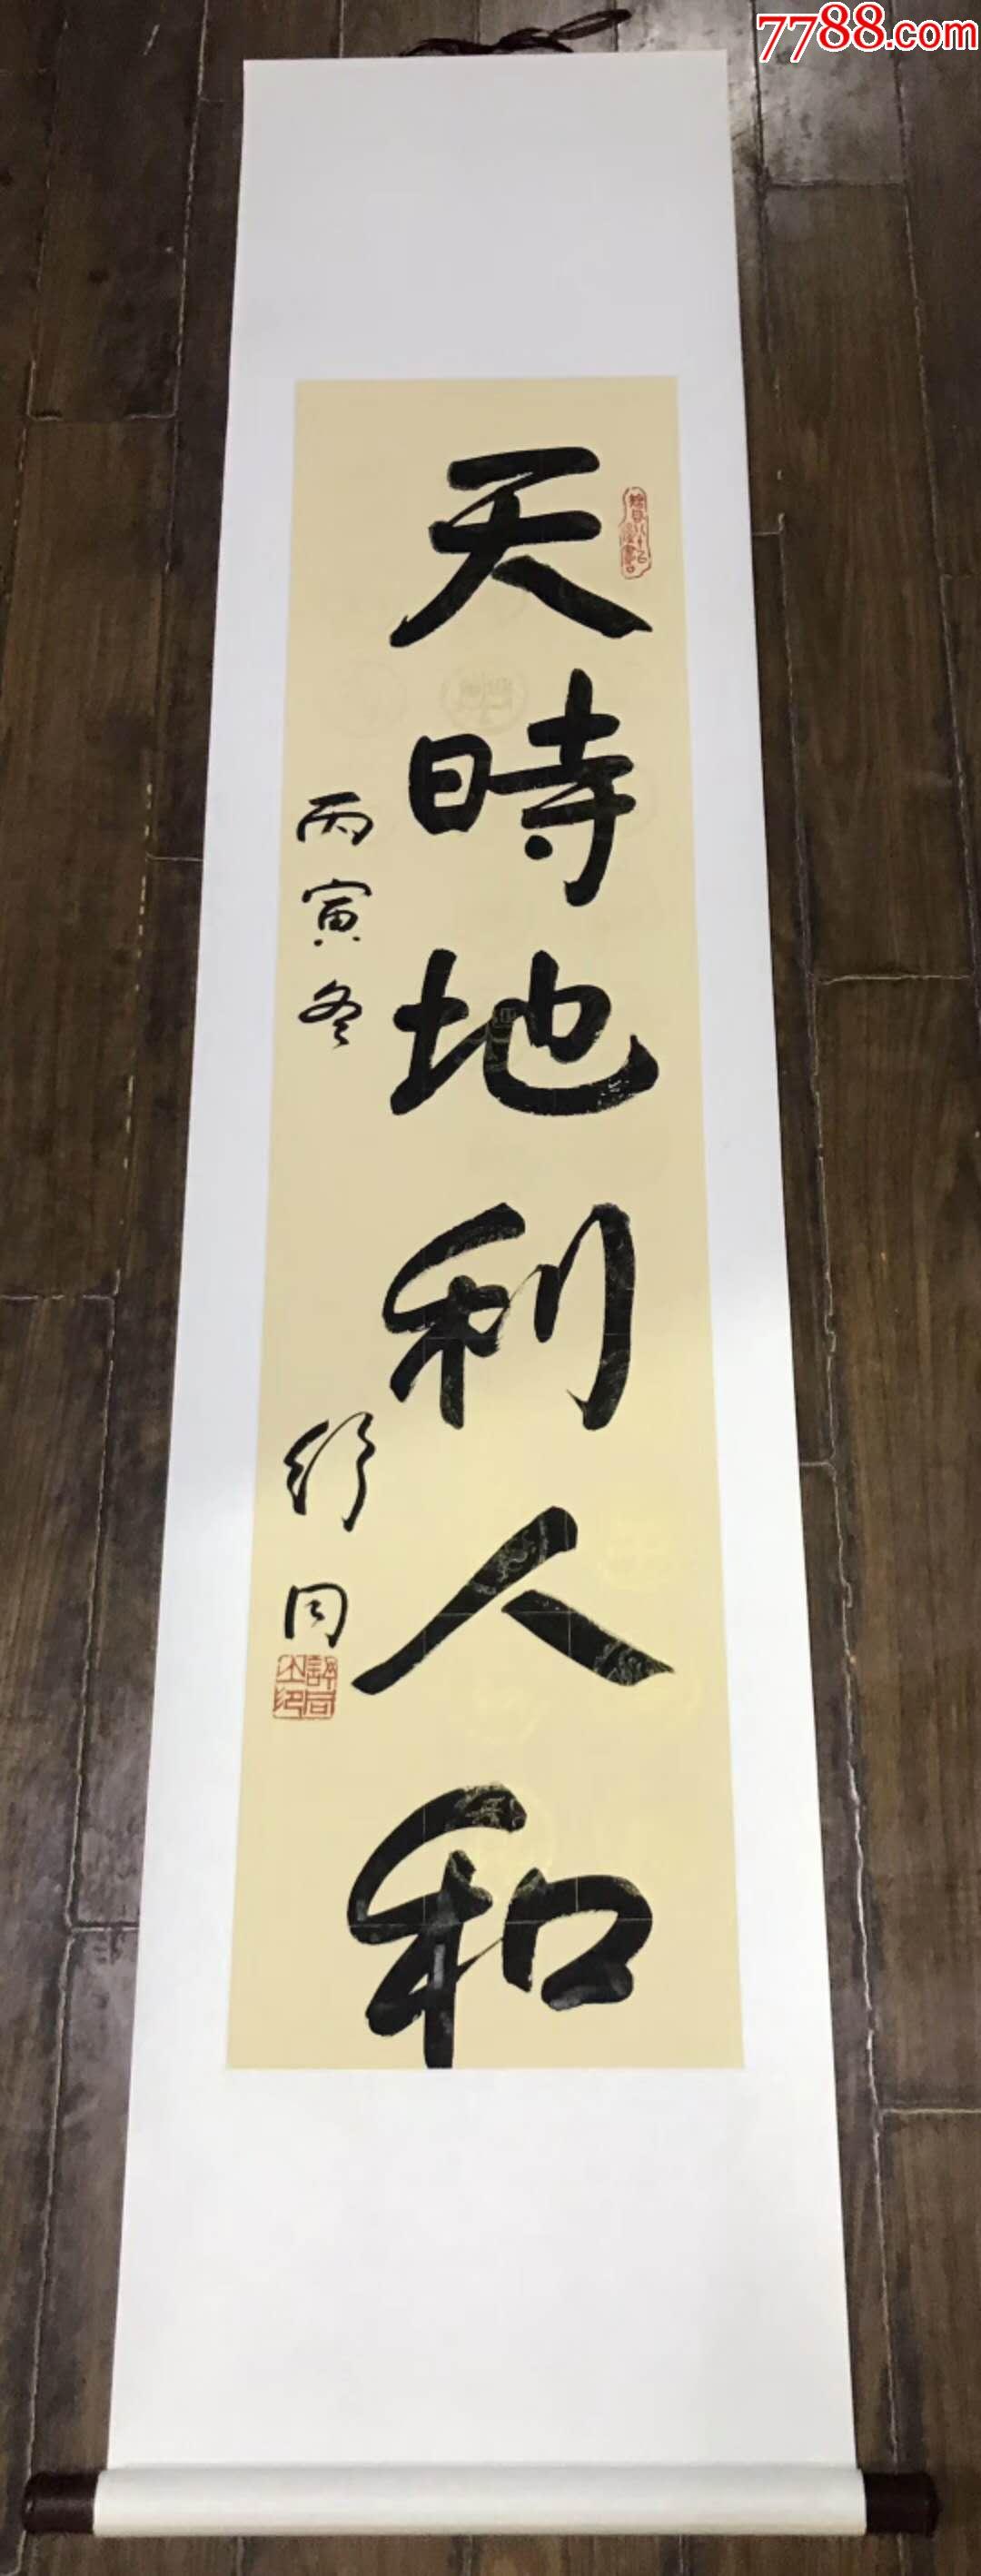 舒同《款》手工精裱卷轴画芯137×34纯手绘作品!(zc20147814)_